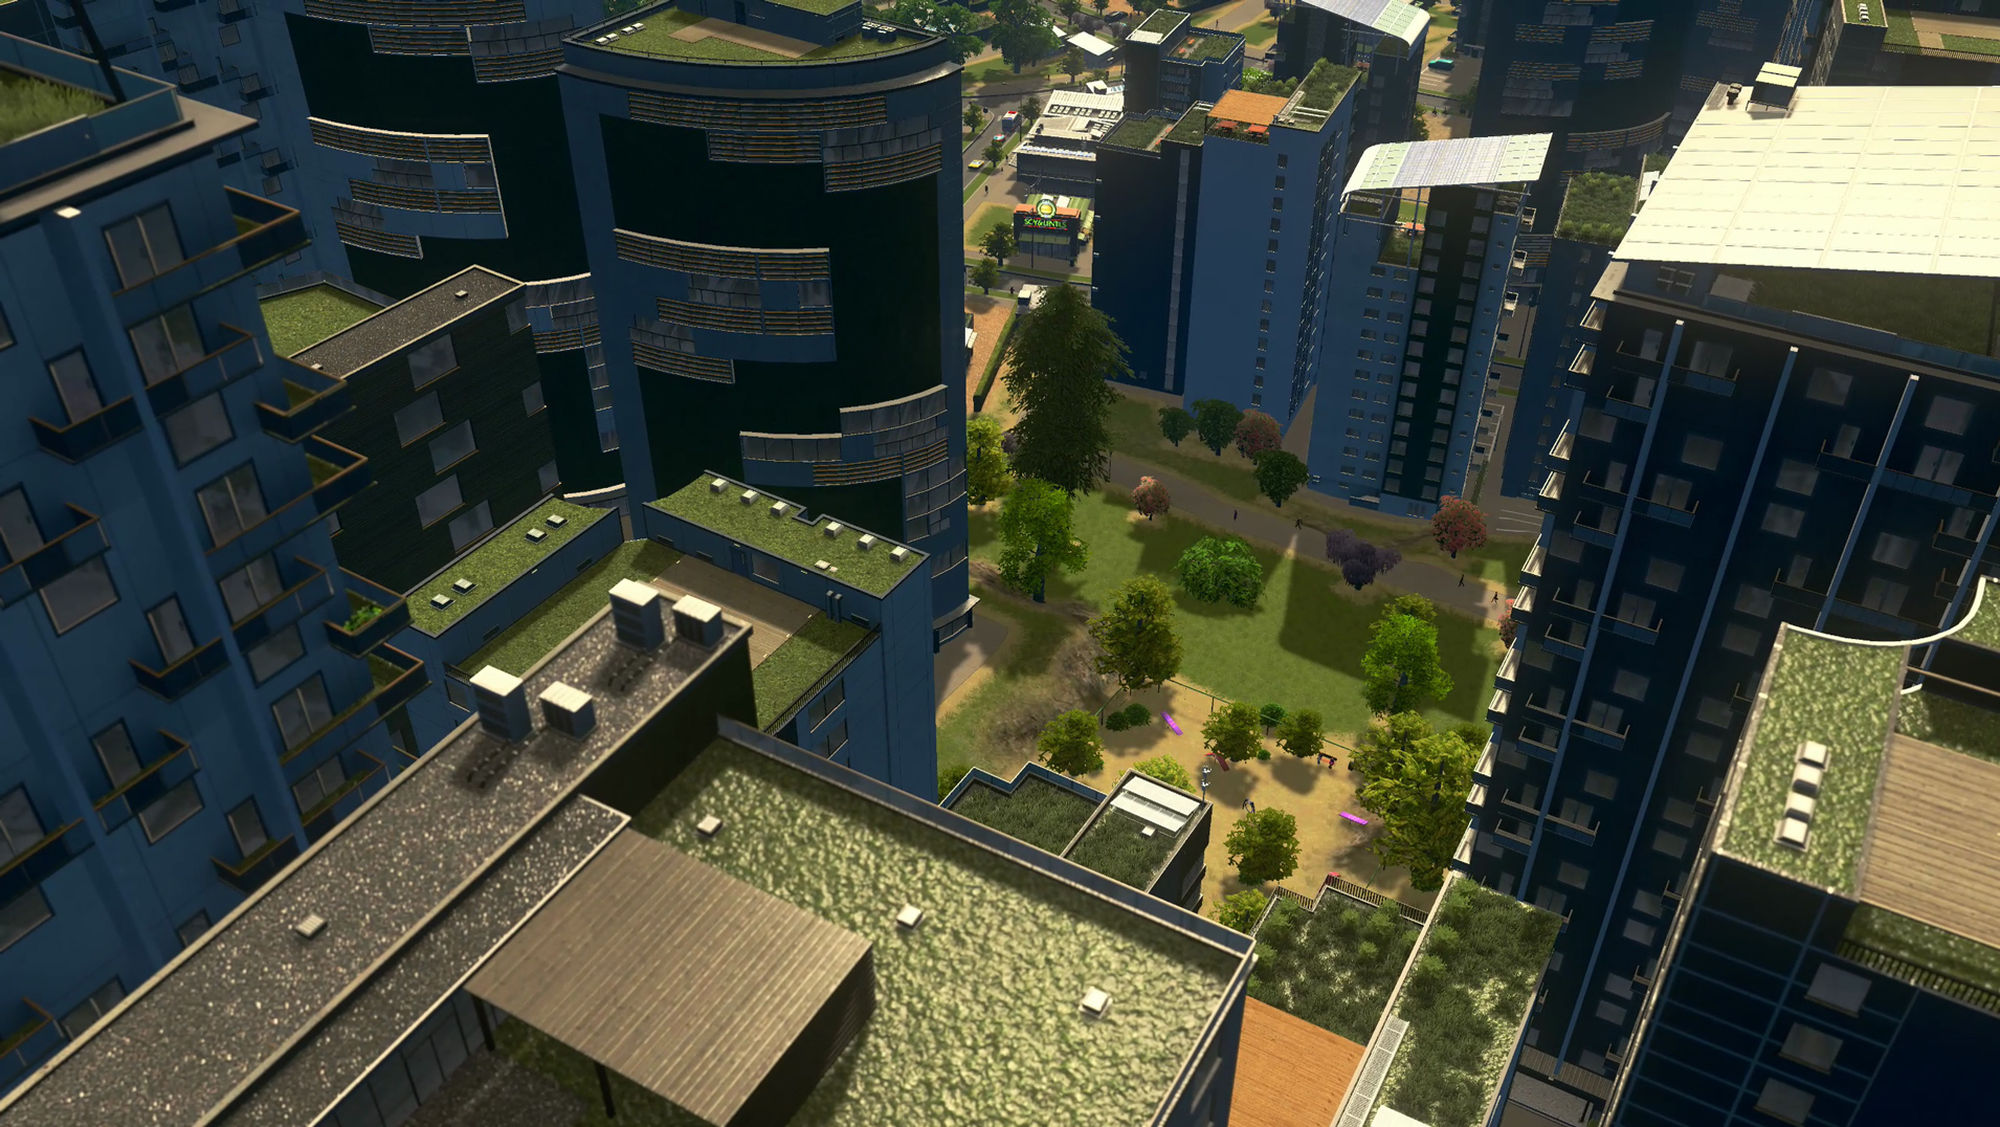 Cities: Skylines - Green Cities